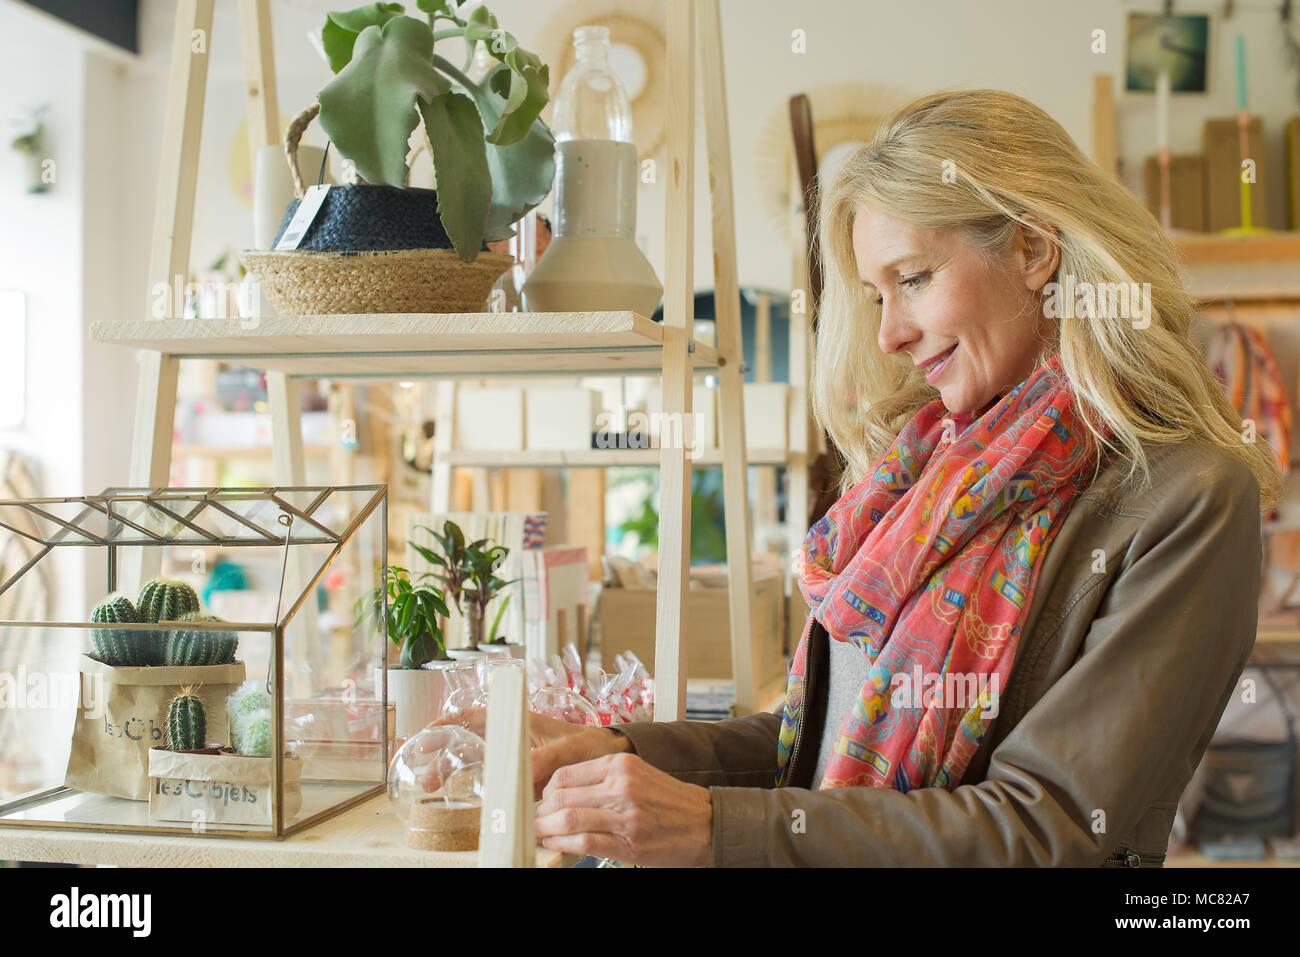 Donna matura shopping in home negozio decorazione Immagini Stock